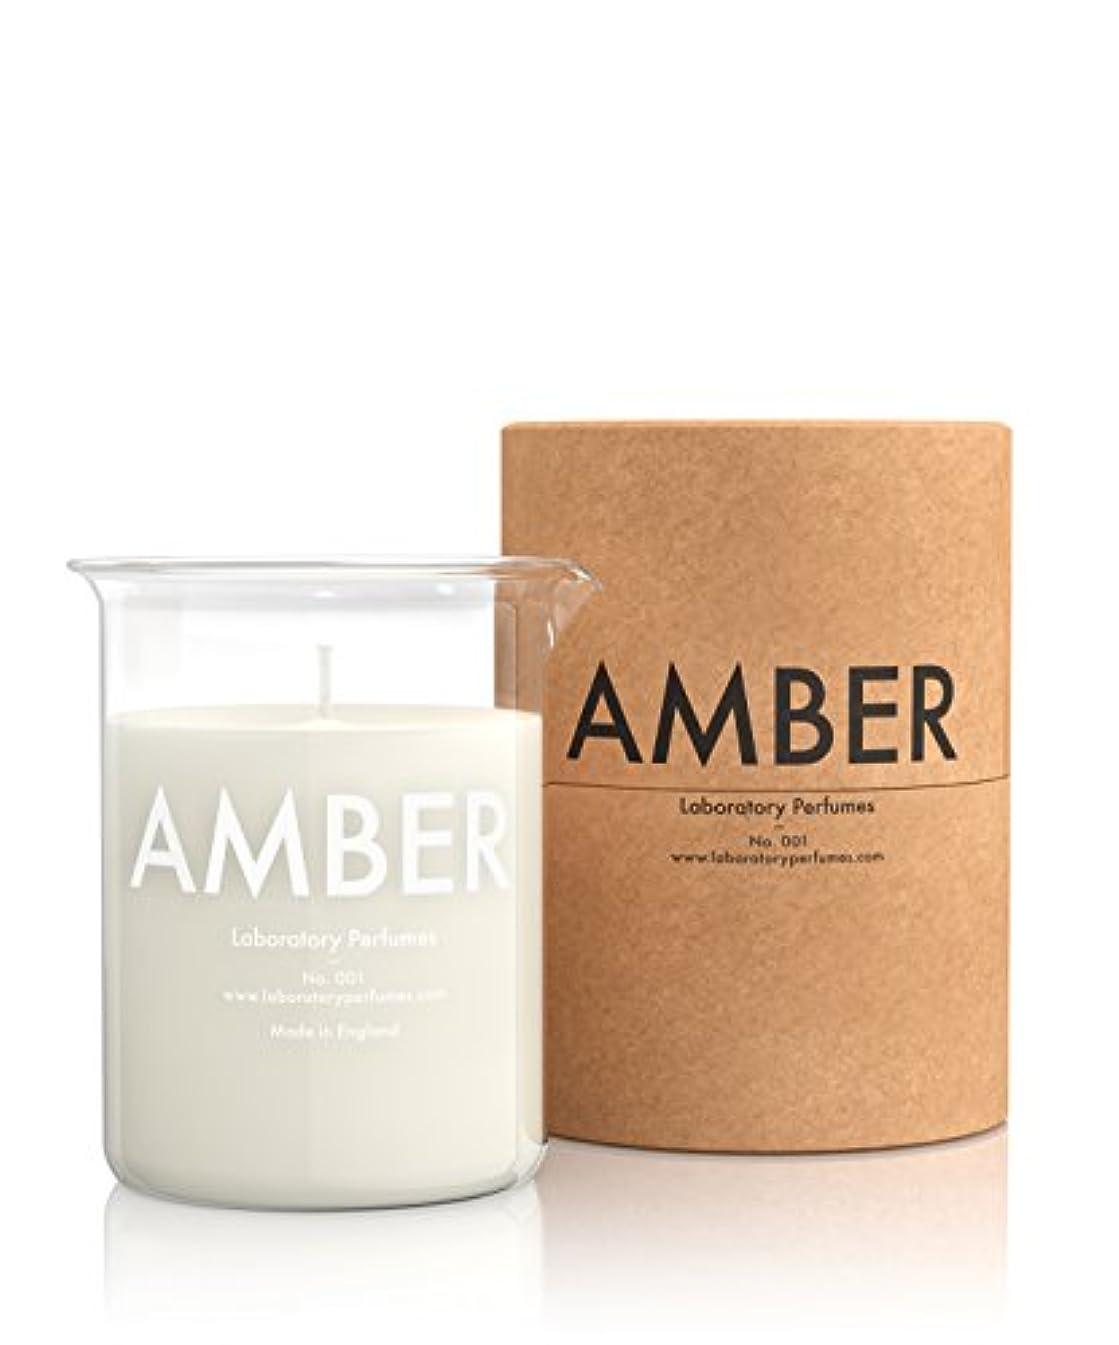 歯科医ピックシェルターLabortory Perfumes キャンドル アンバー Amber (フローラルウッディー Floral Woody) Candle ラボラトリー パフューム